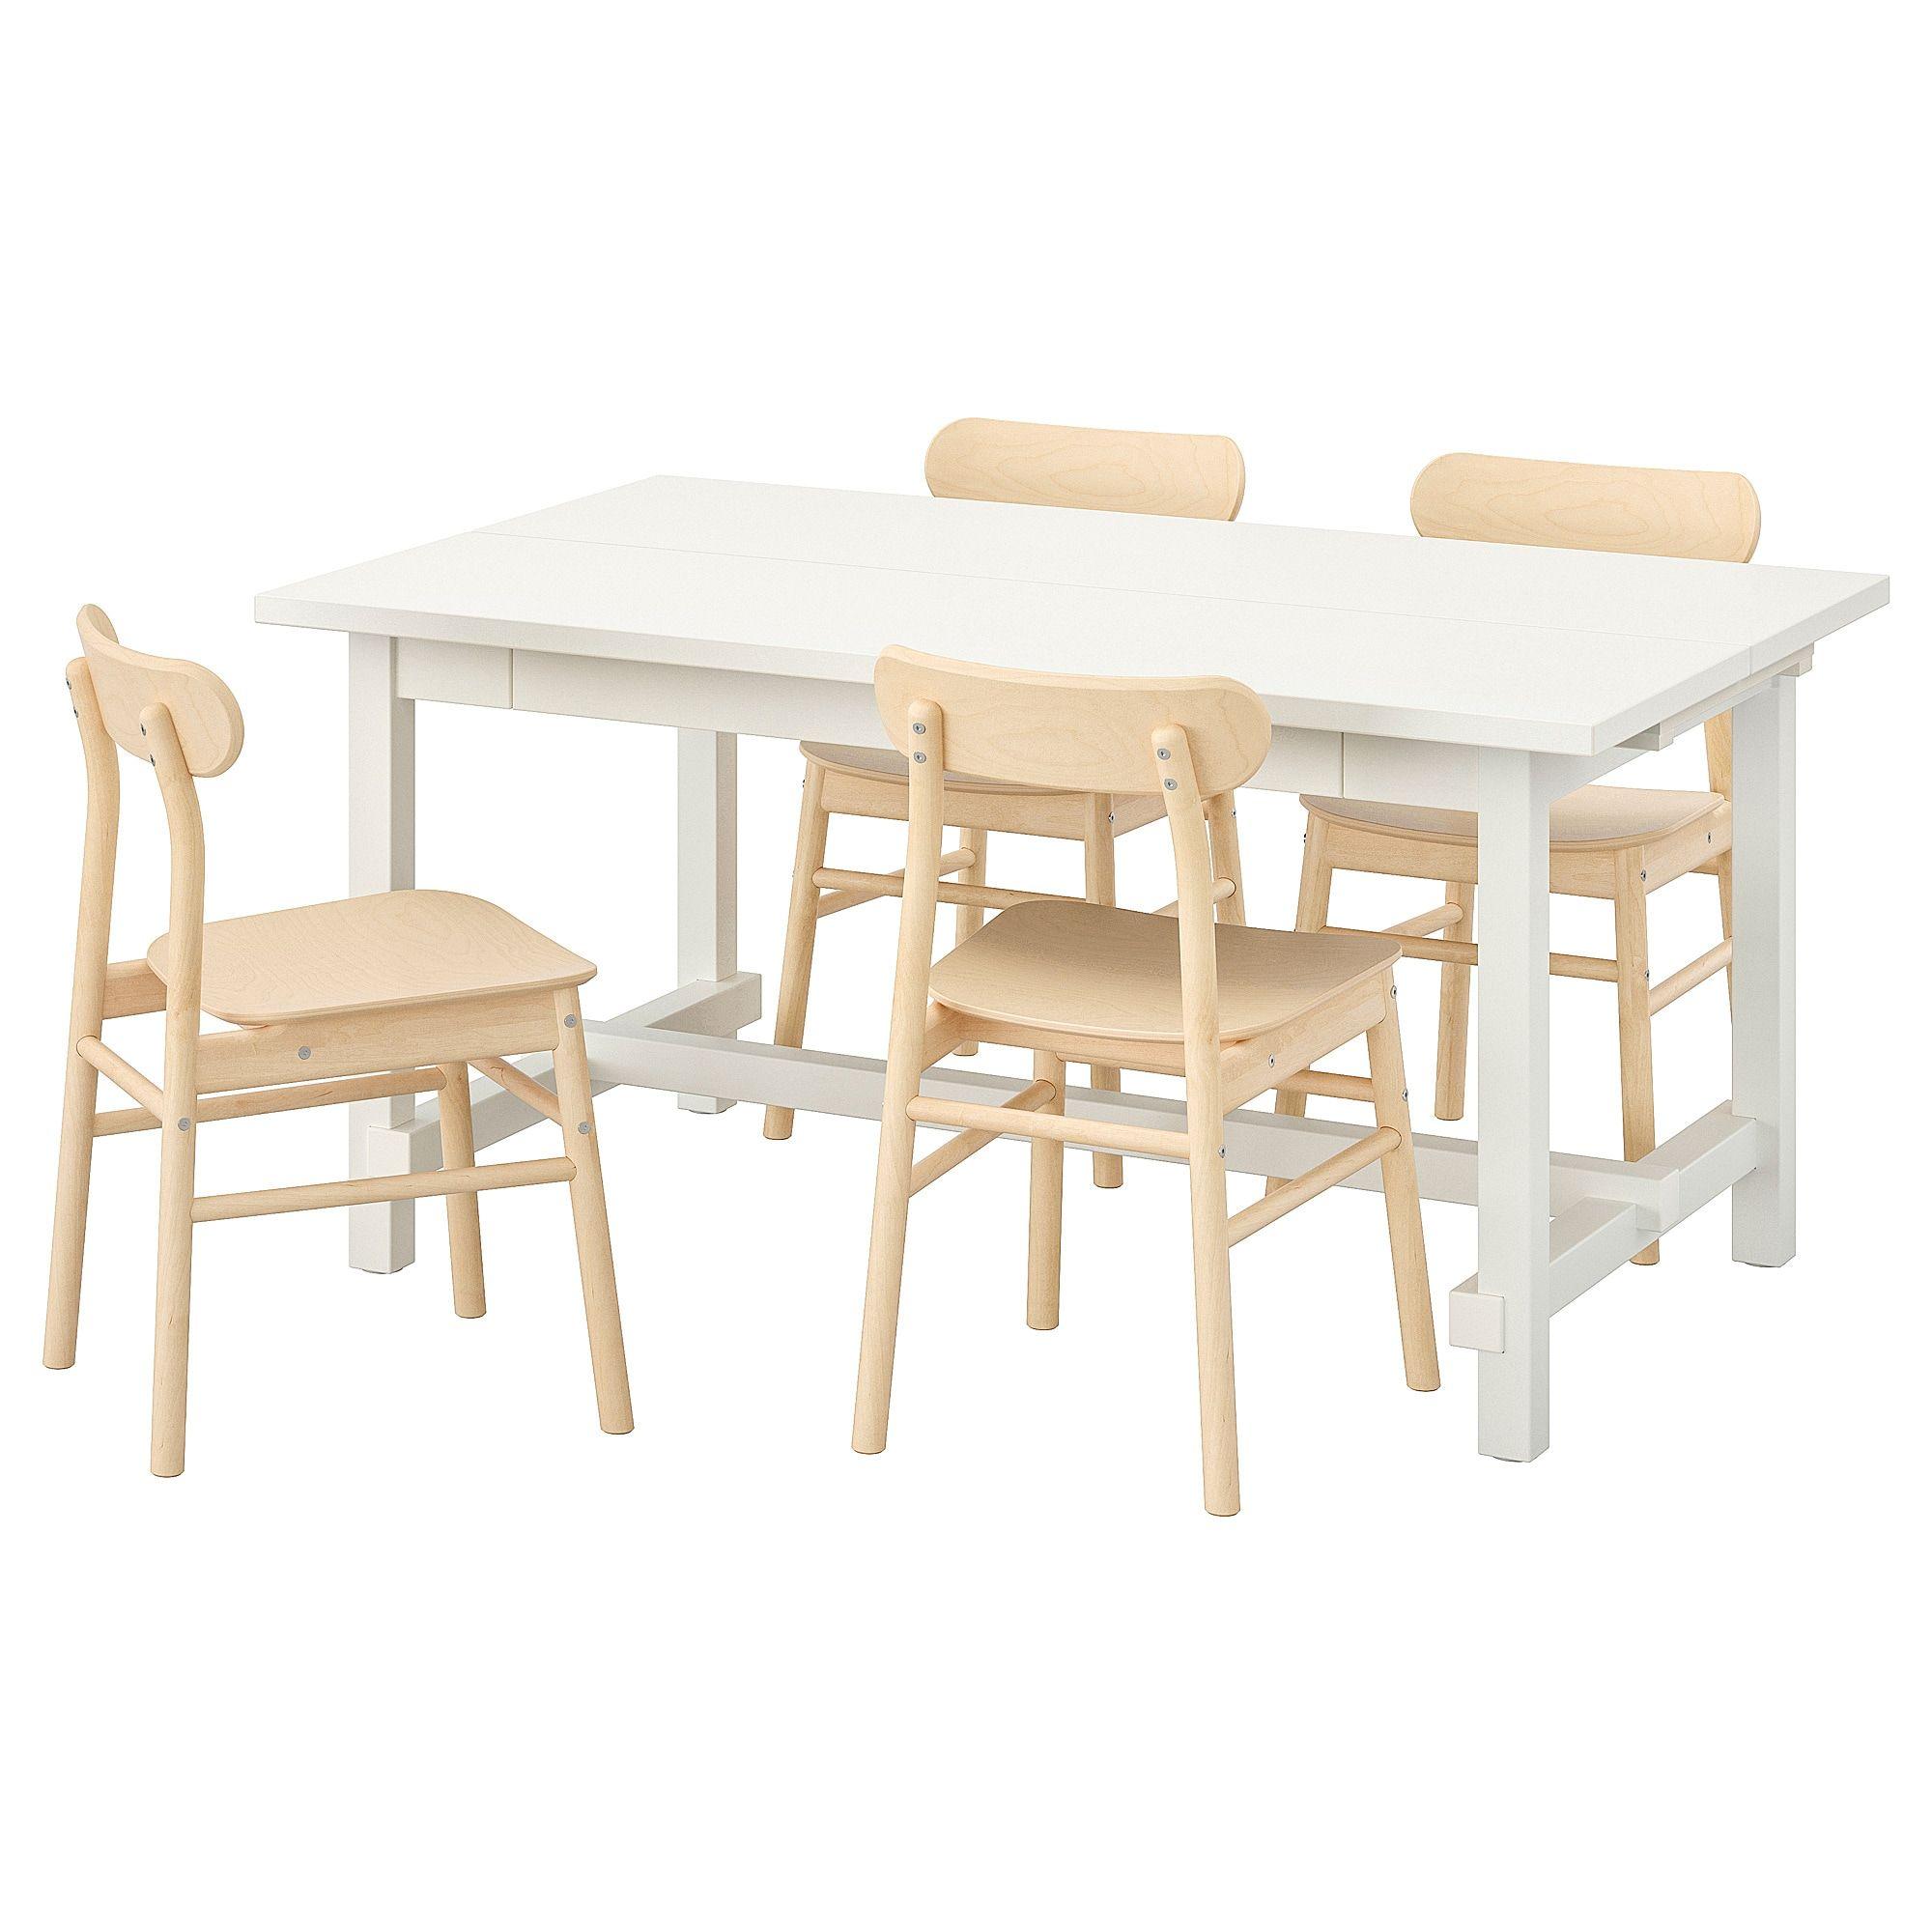 Full Size of Nordviken Rnninge Tisch Und 4 Sthle Wei Sofa Für Esstisch Stühle Bett 160x200 Mit Lattenrost Matratze 2m Landhausstil Ausziehbar Industrial Landhaus Vietnam Esstische Esstisch Und Stühle